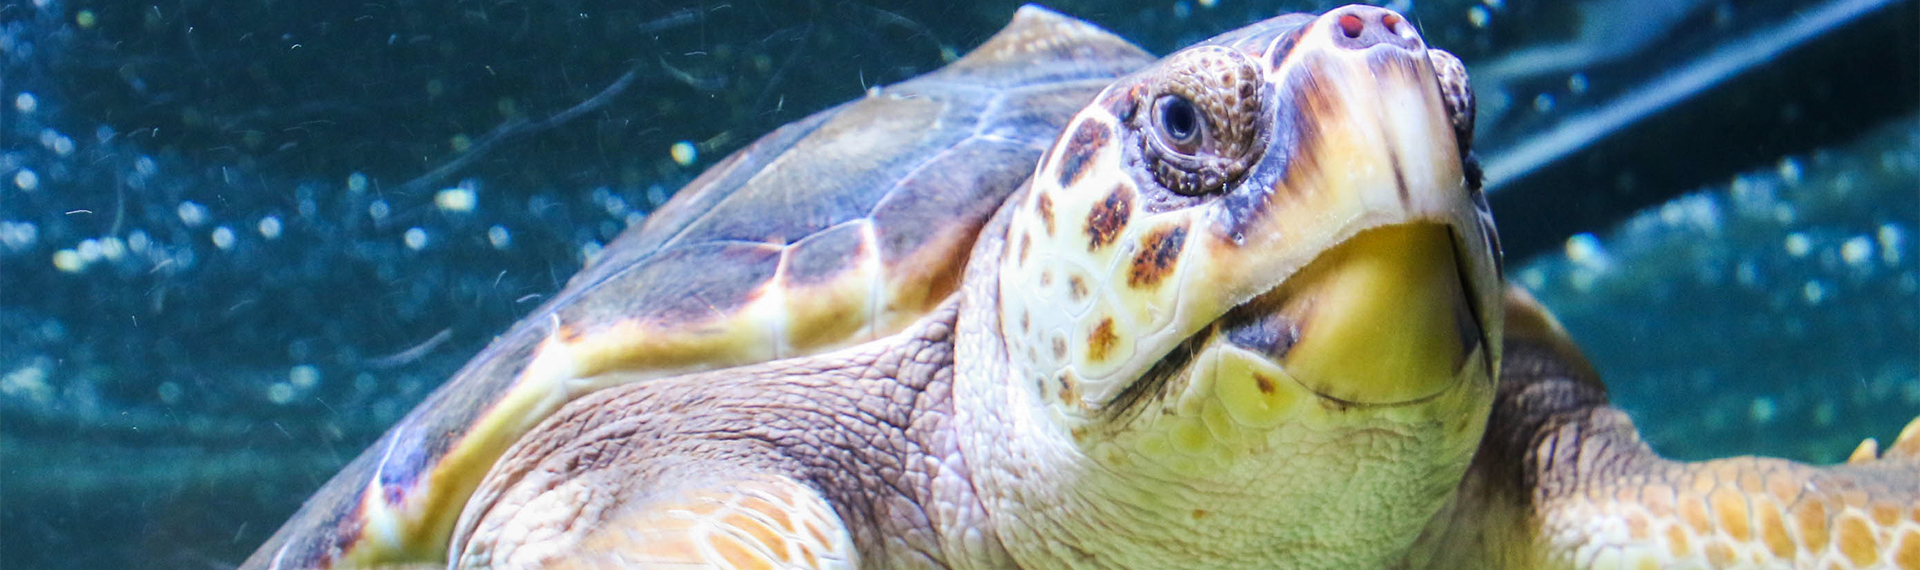 Neptune the sea turtle